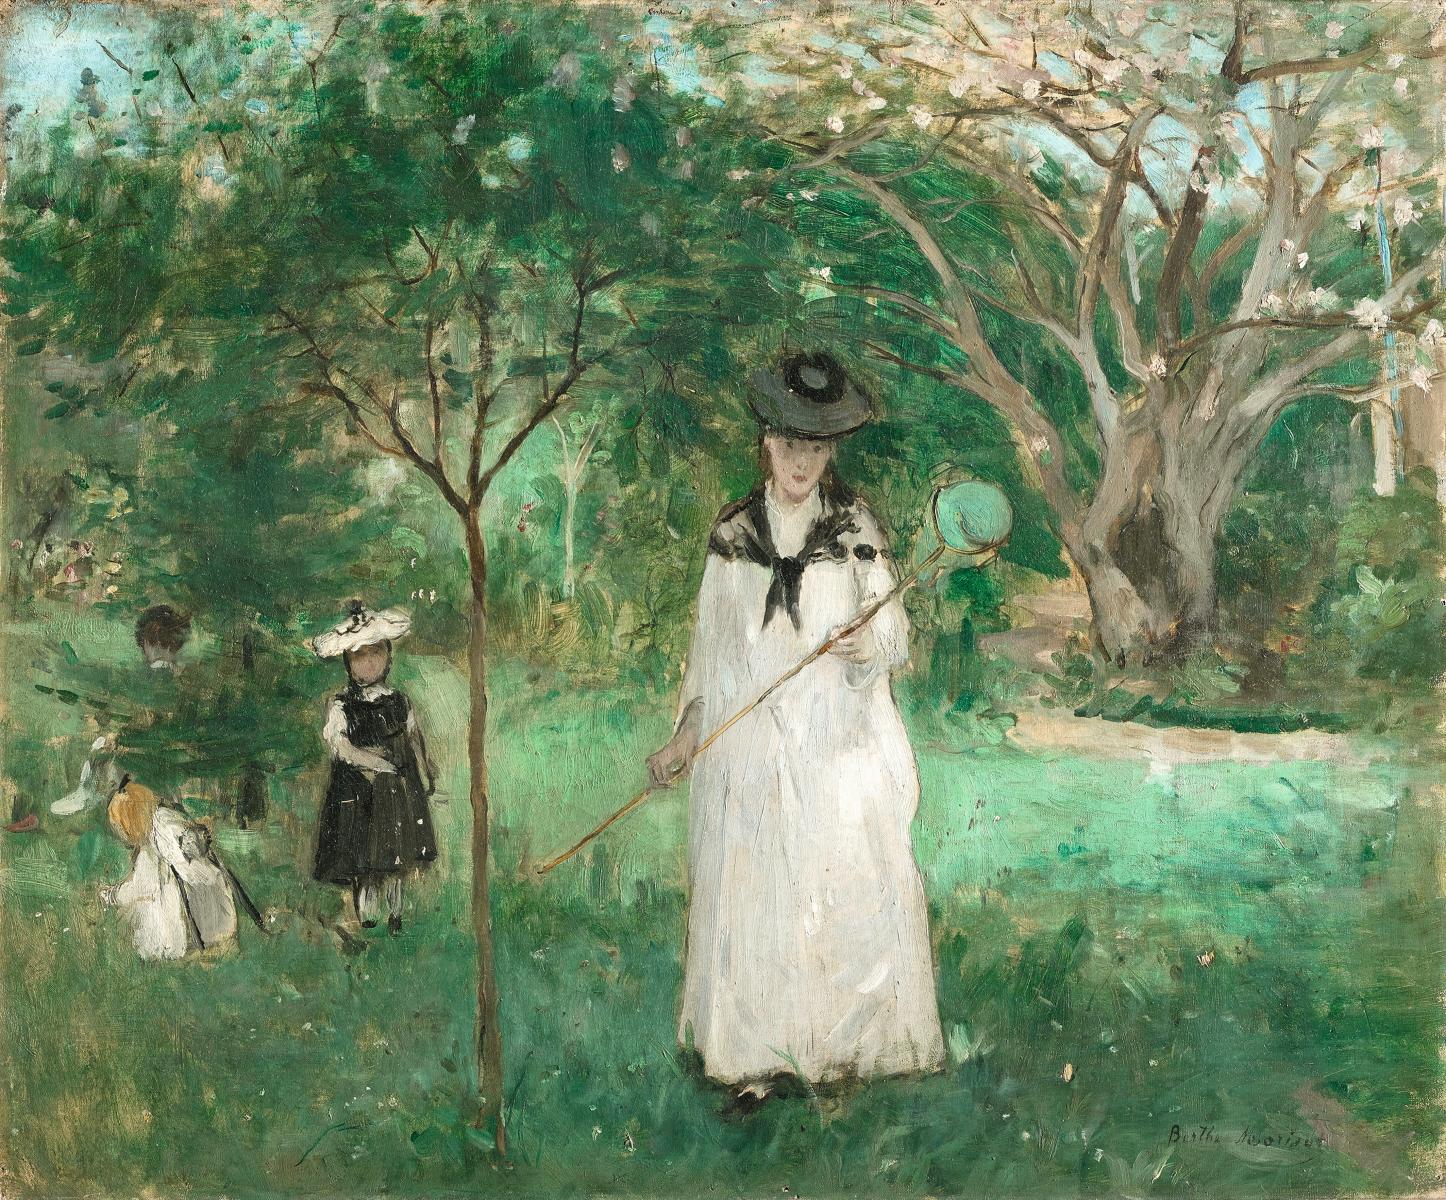 Museoteca - Artiste: Morisot, Berthe